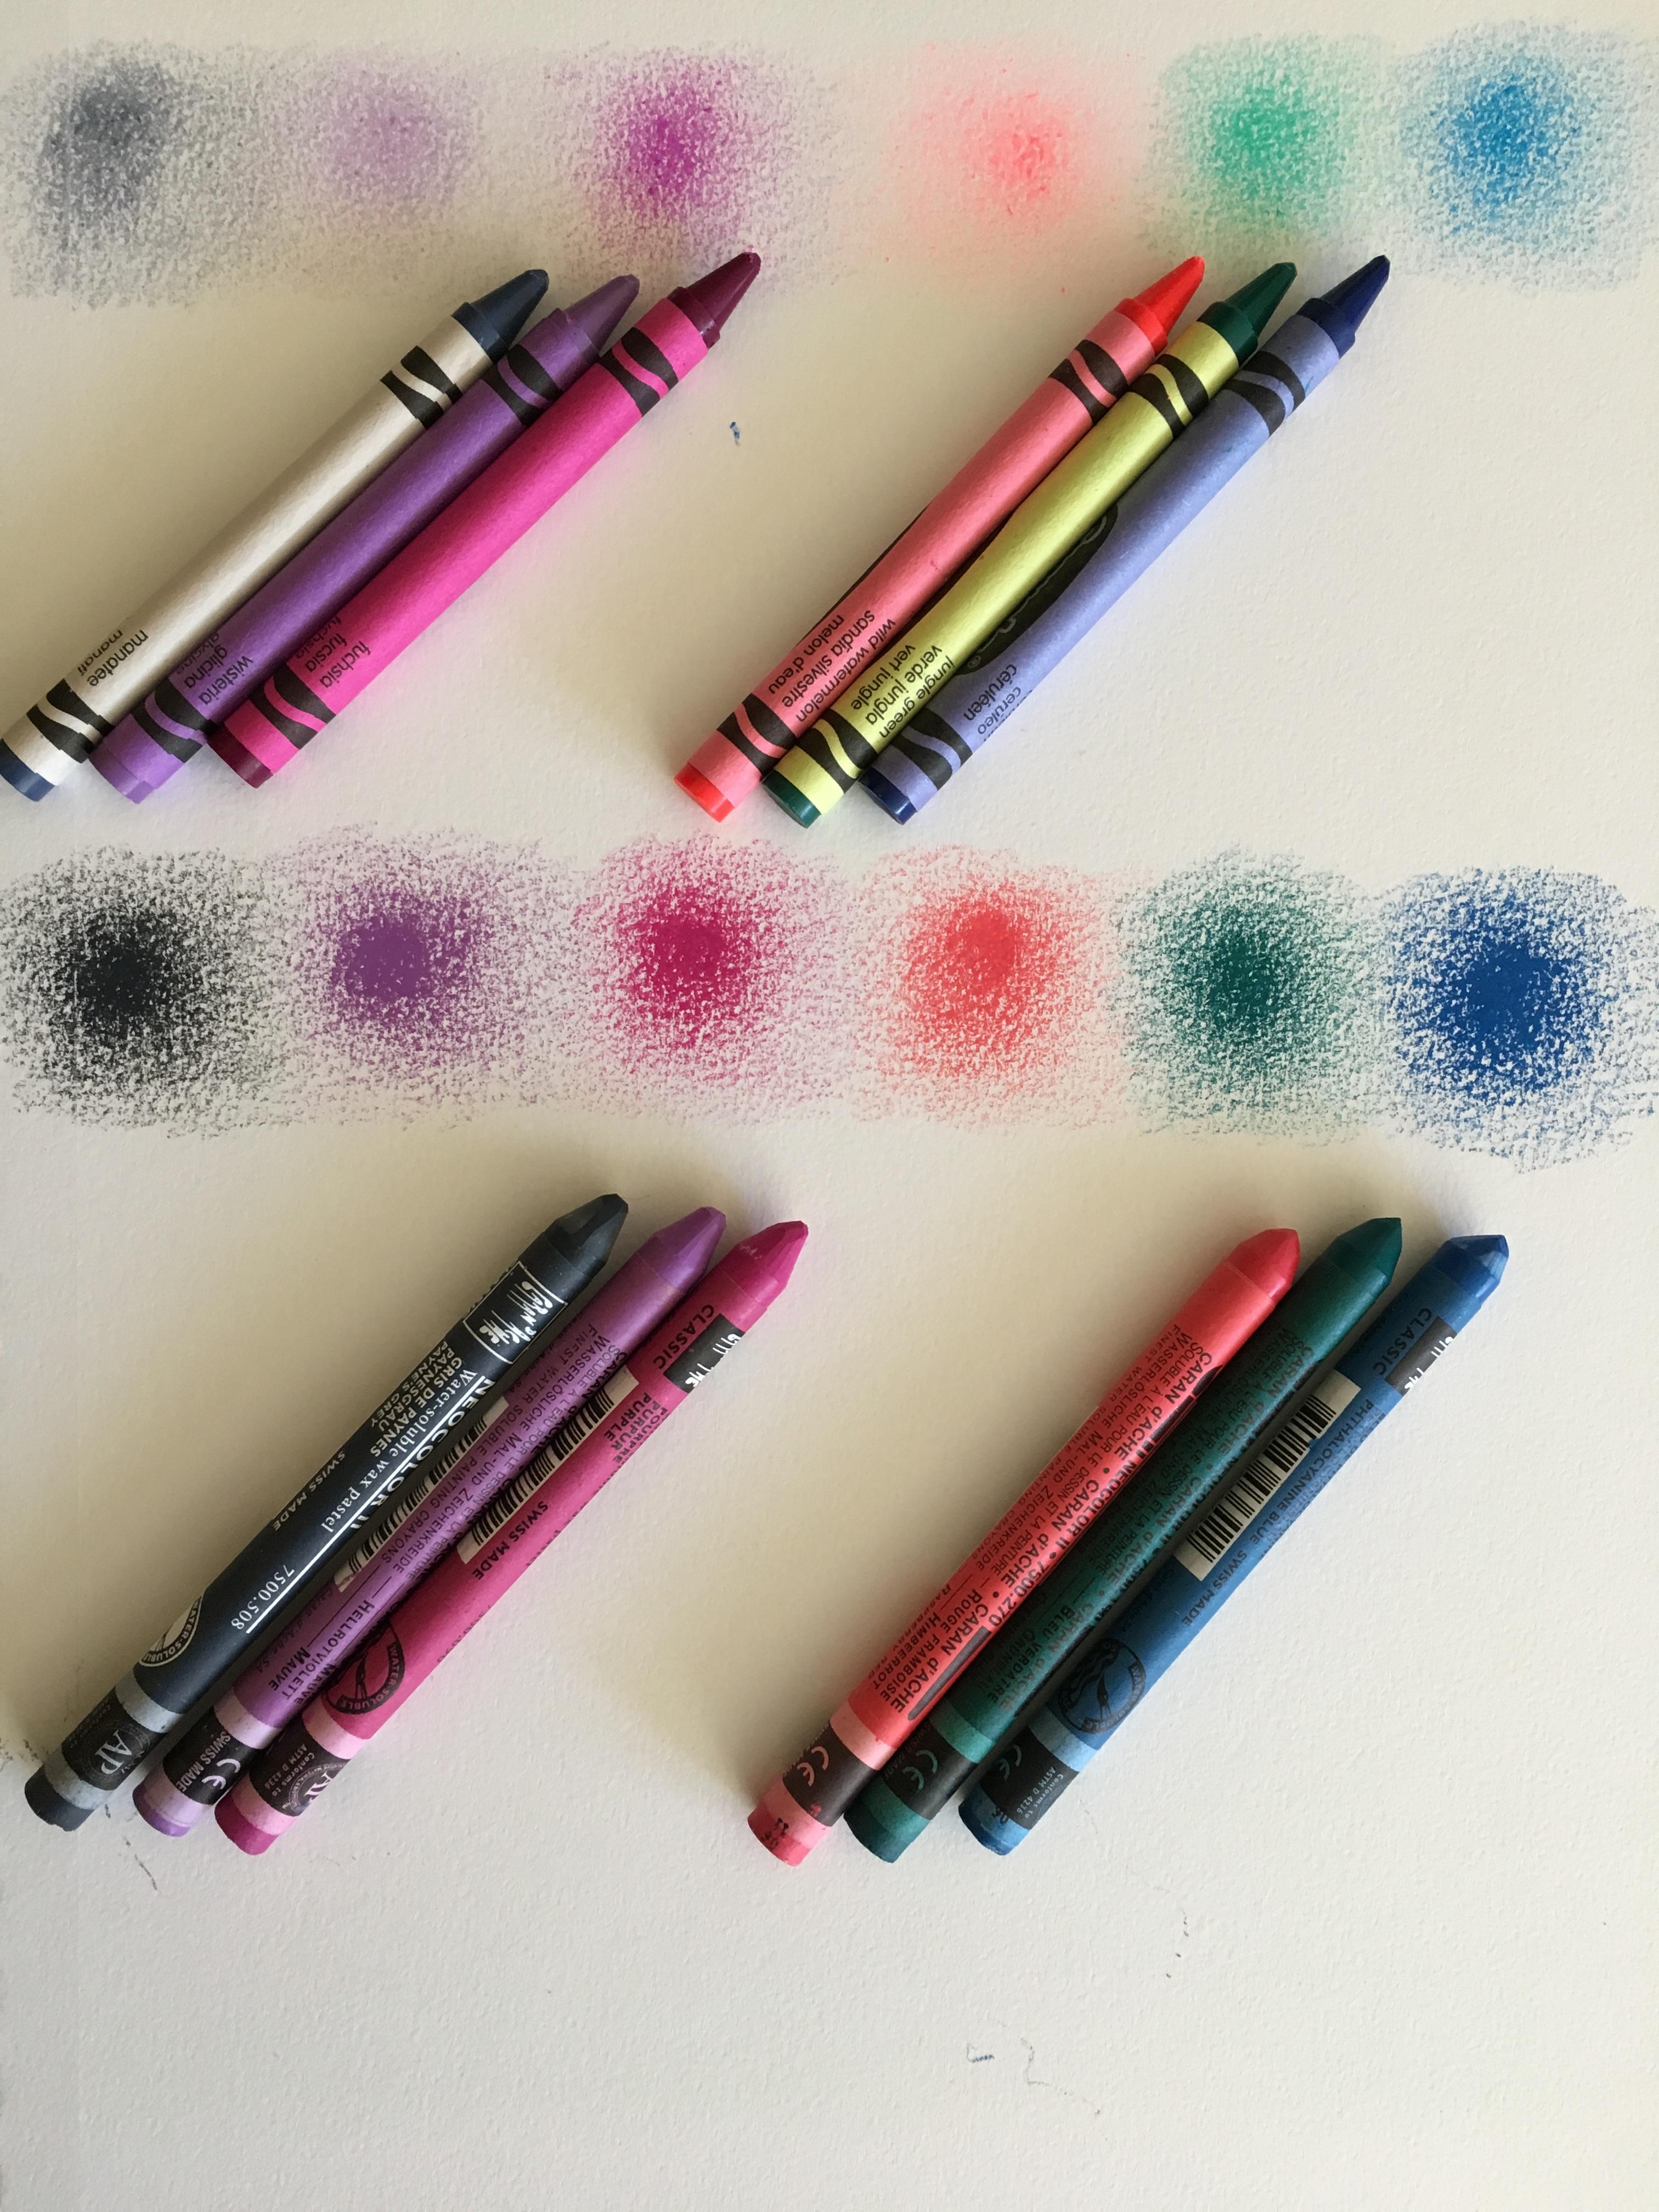 CrayolasVsNeocolorIIs.JPG